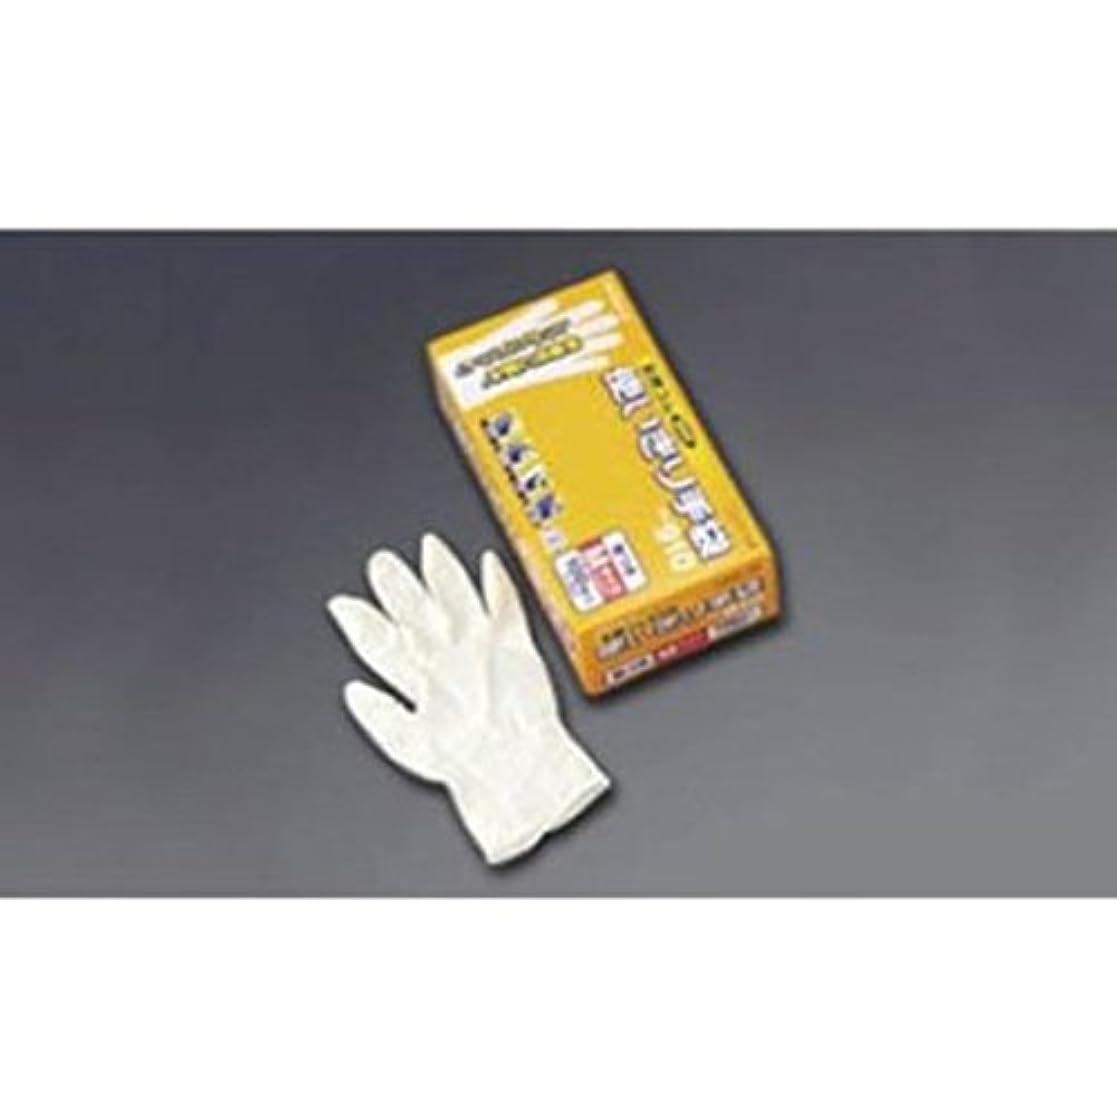 株式癒す指導する(まとめ買い)エステー 天然ゴム使い切り手袋 No.910 M 【×3セット】